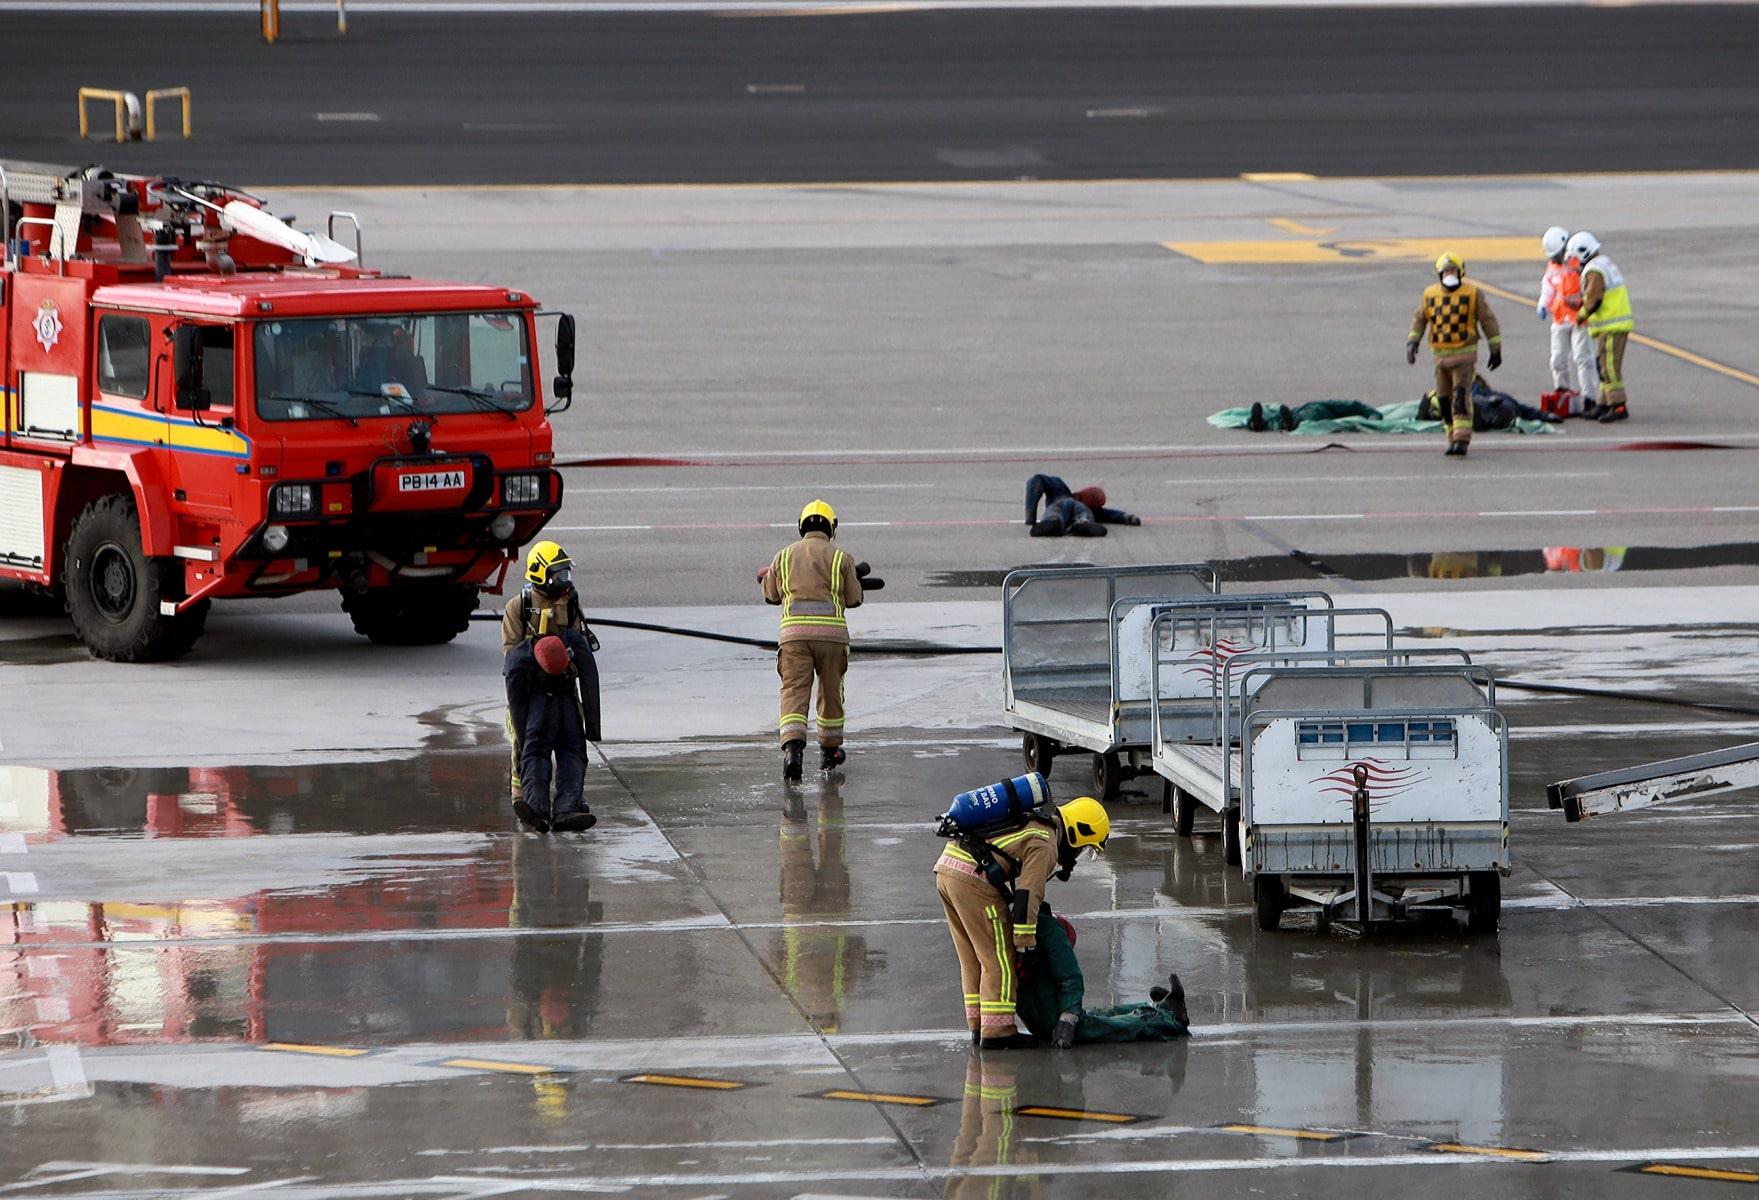 09-feb-2016-simulacro-de-incidente-en-el-aeropuerto-de-gibraltar_24797045652_o